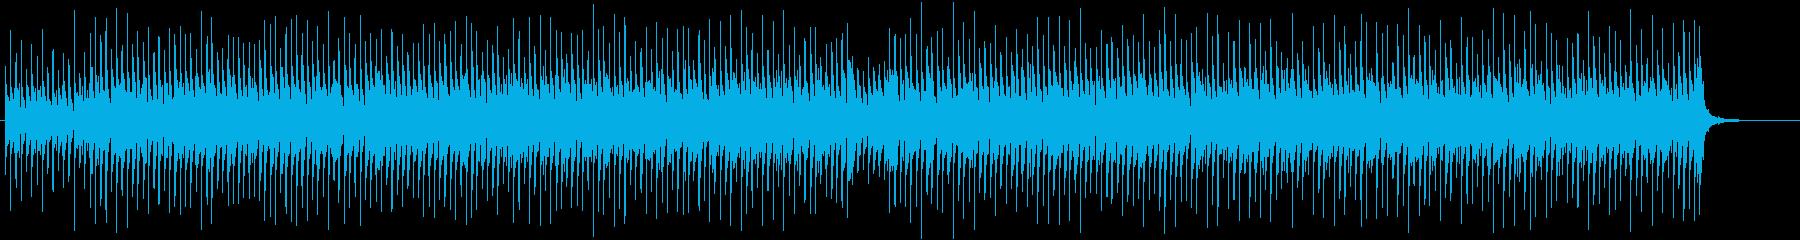 ウクレレ・ポジティブ・陽気の再生済みの波形